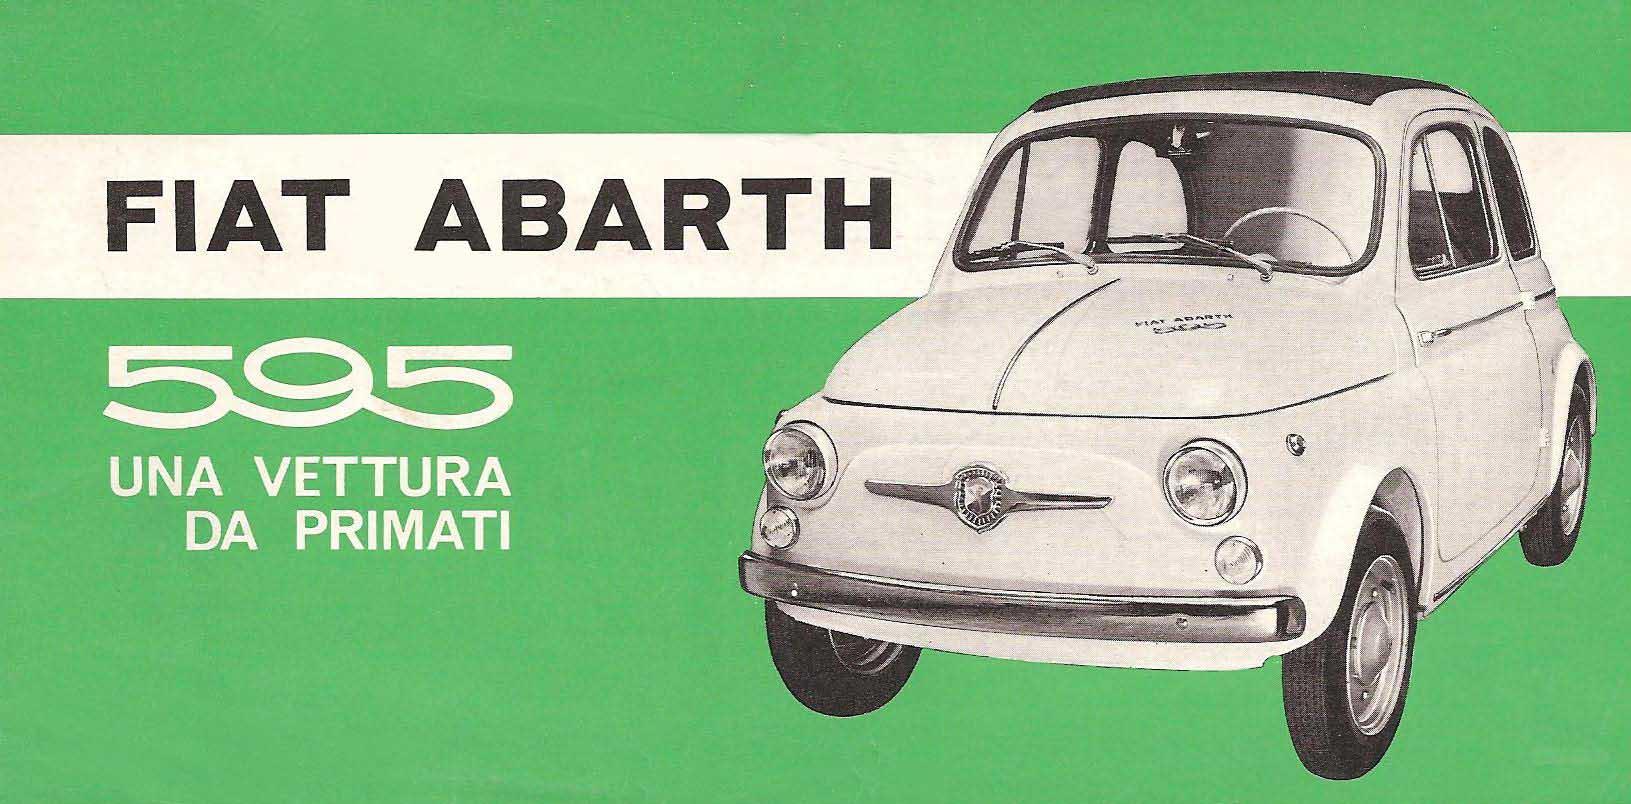 Brosjyre for Abarth sin 595-versjon av Fiat 500.